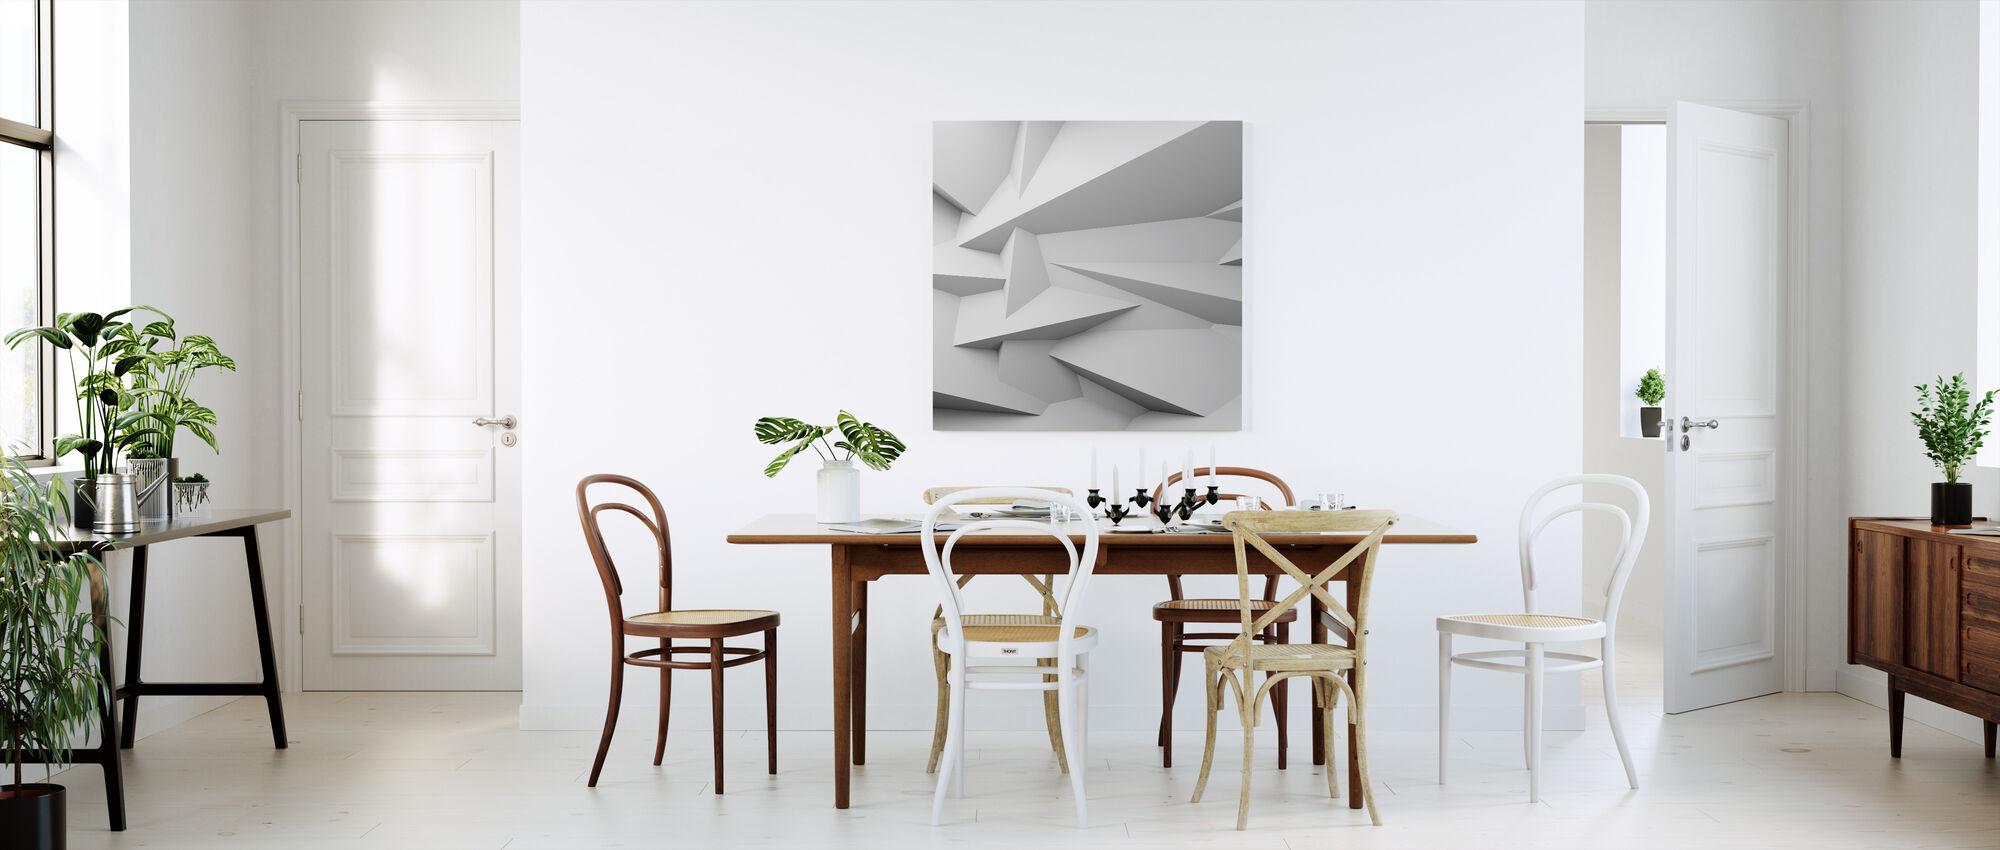 Viistetyt 3D-seinä - Canvastaulu - Keittiö